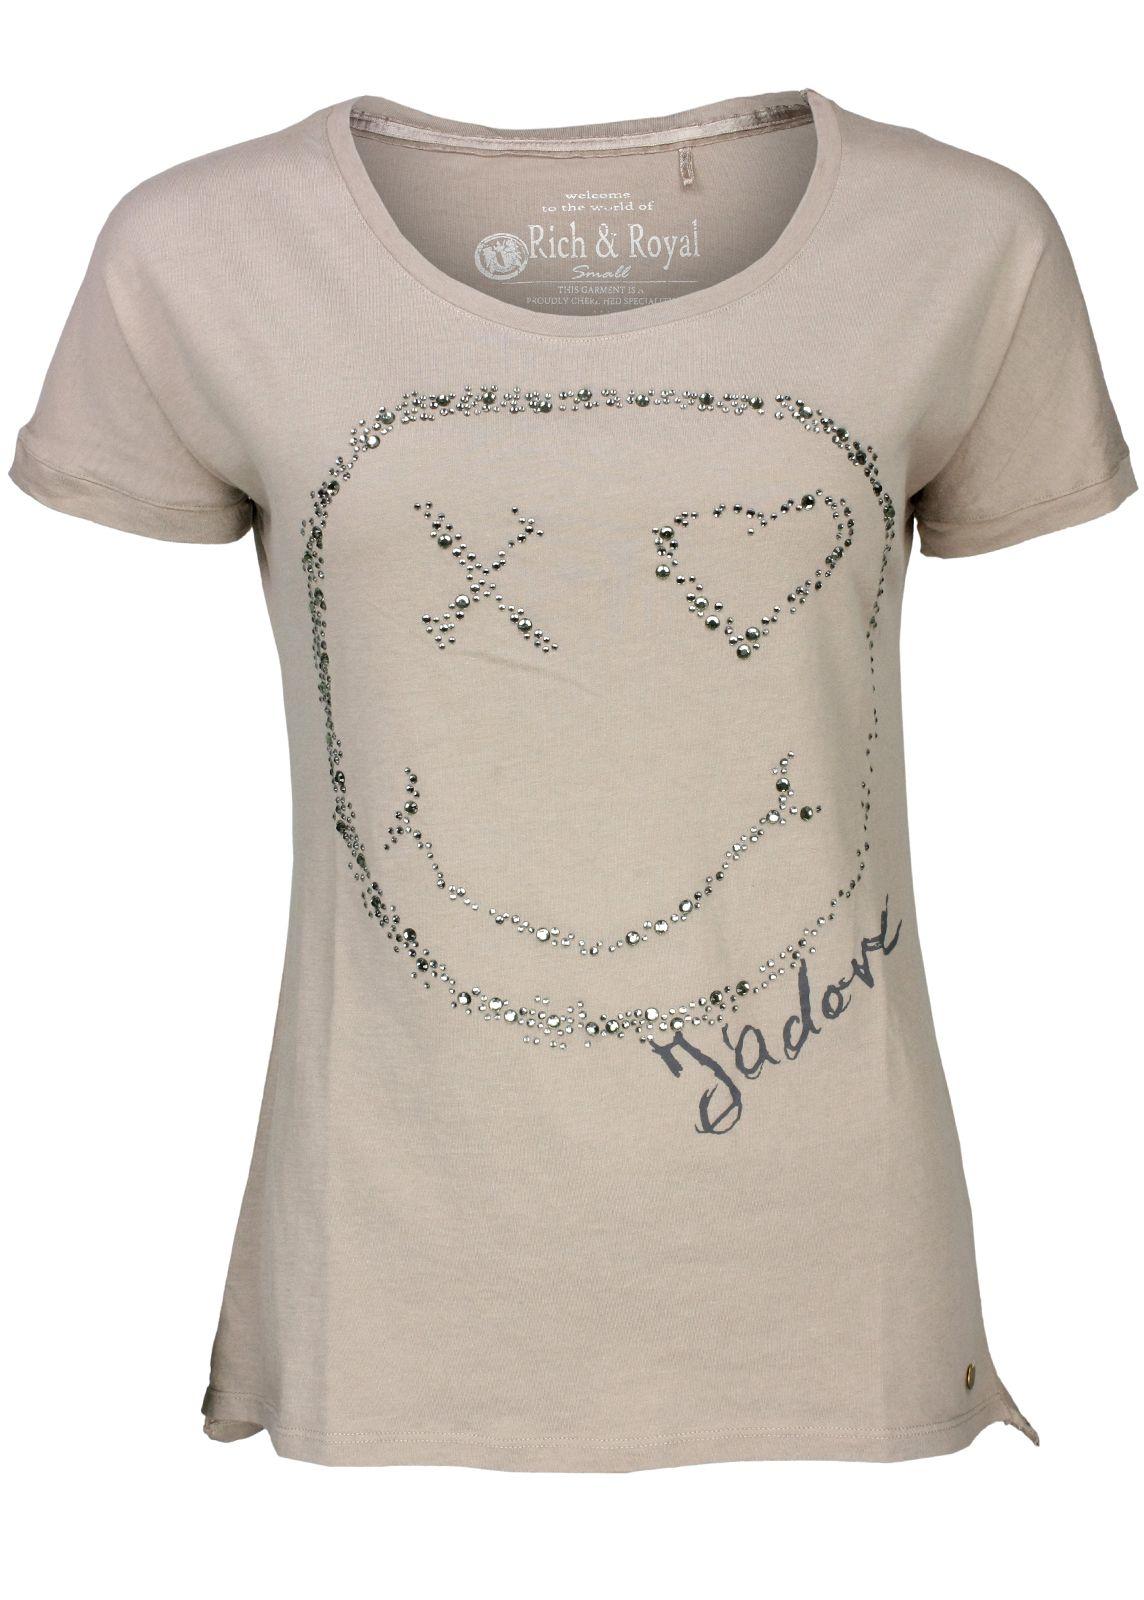 rich royal shirt smiley taupe fettebeute online shop. Black Bedroom Furniture Sets. Home Design Ideas